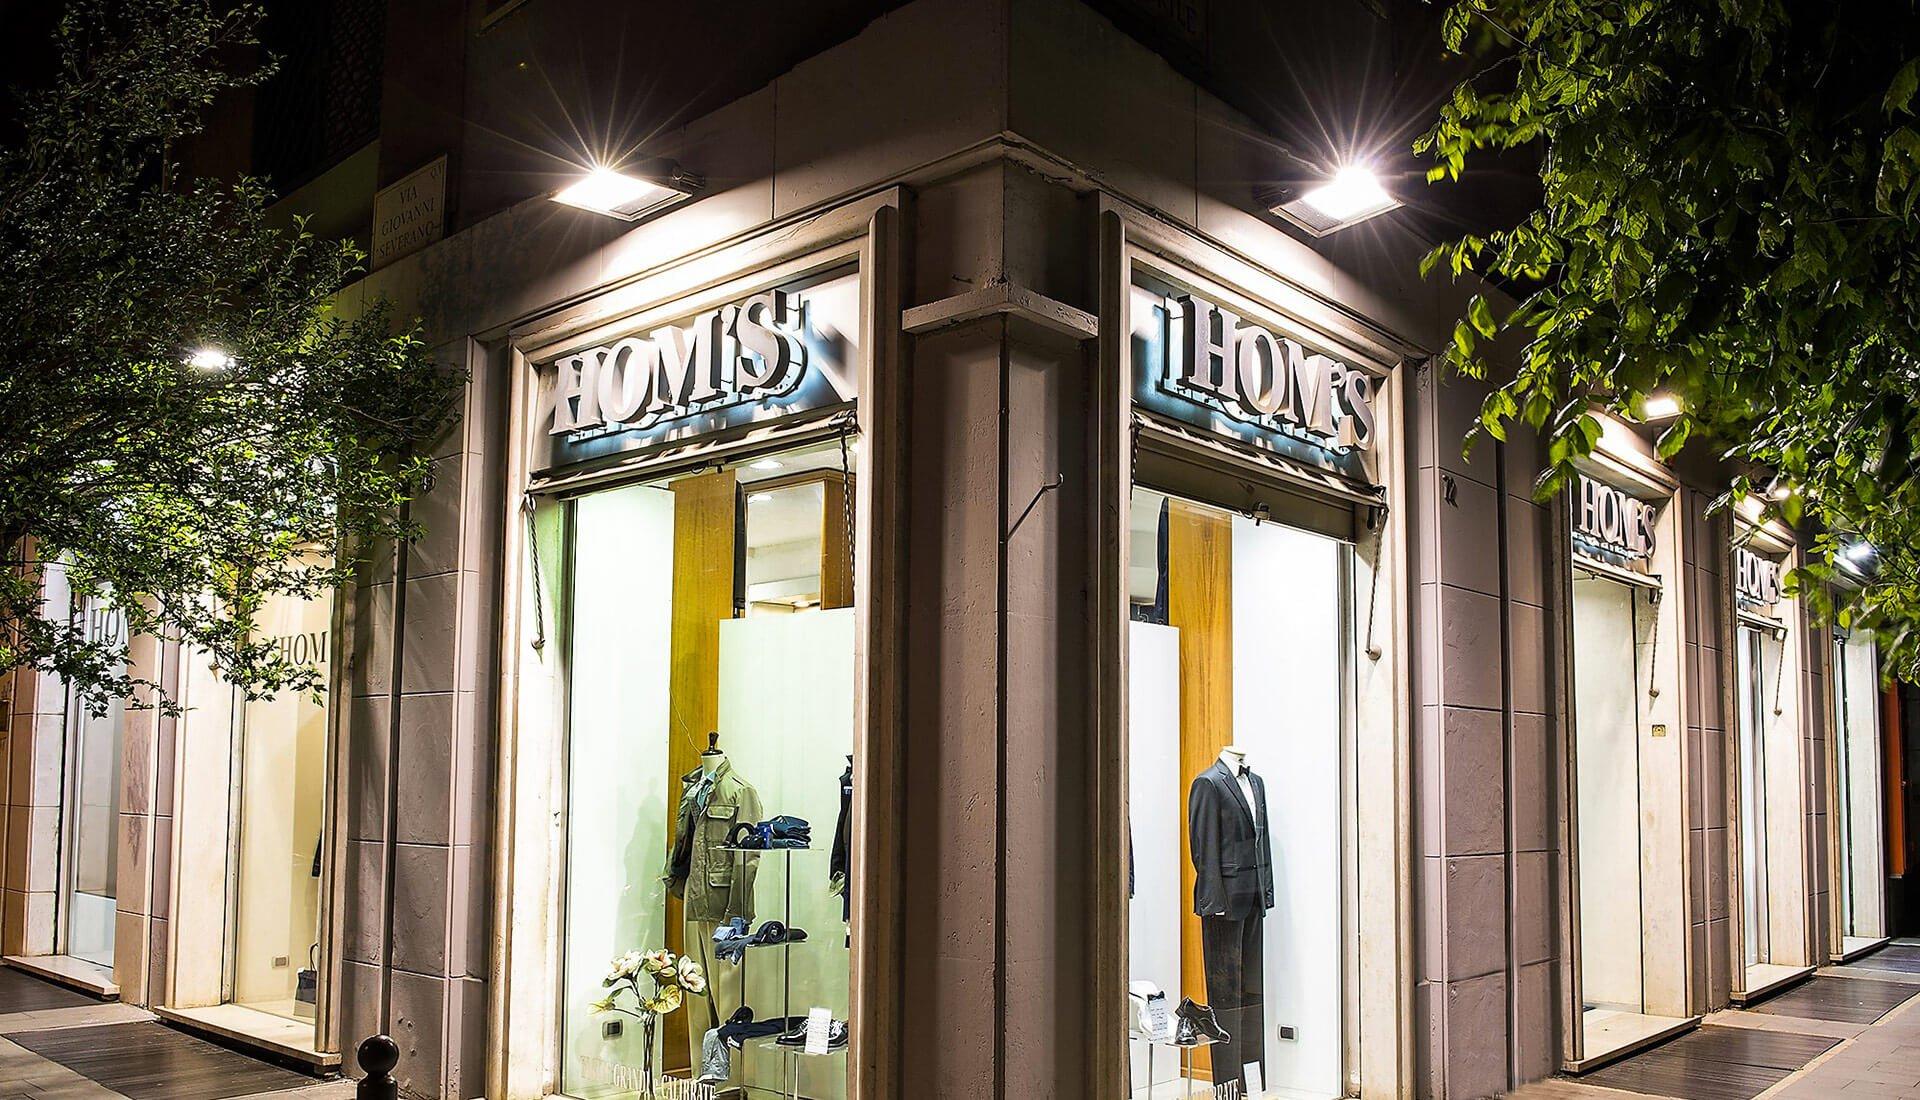 Abbigliamento moda maschile Roma - Hom's Tradizione Moda Maschile dal 1973